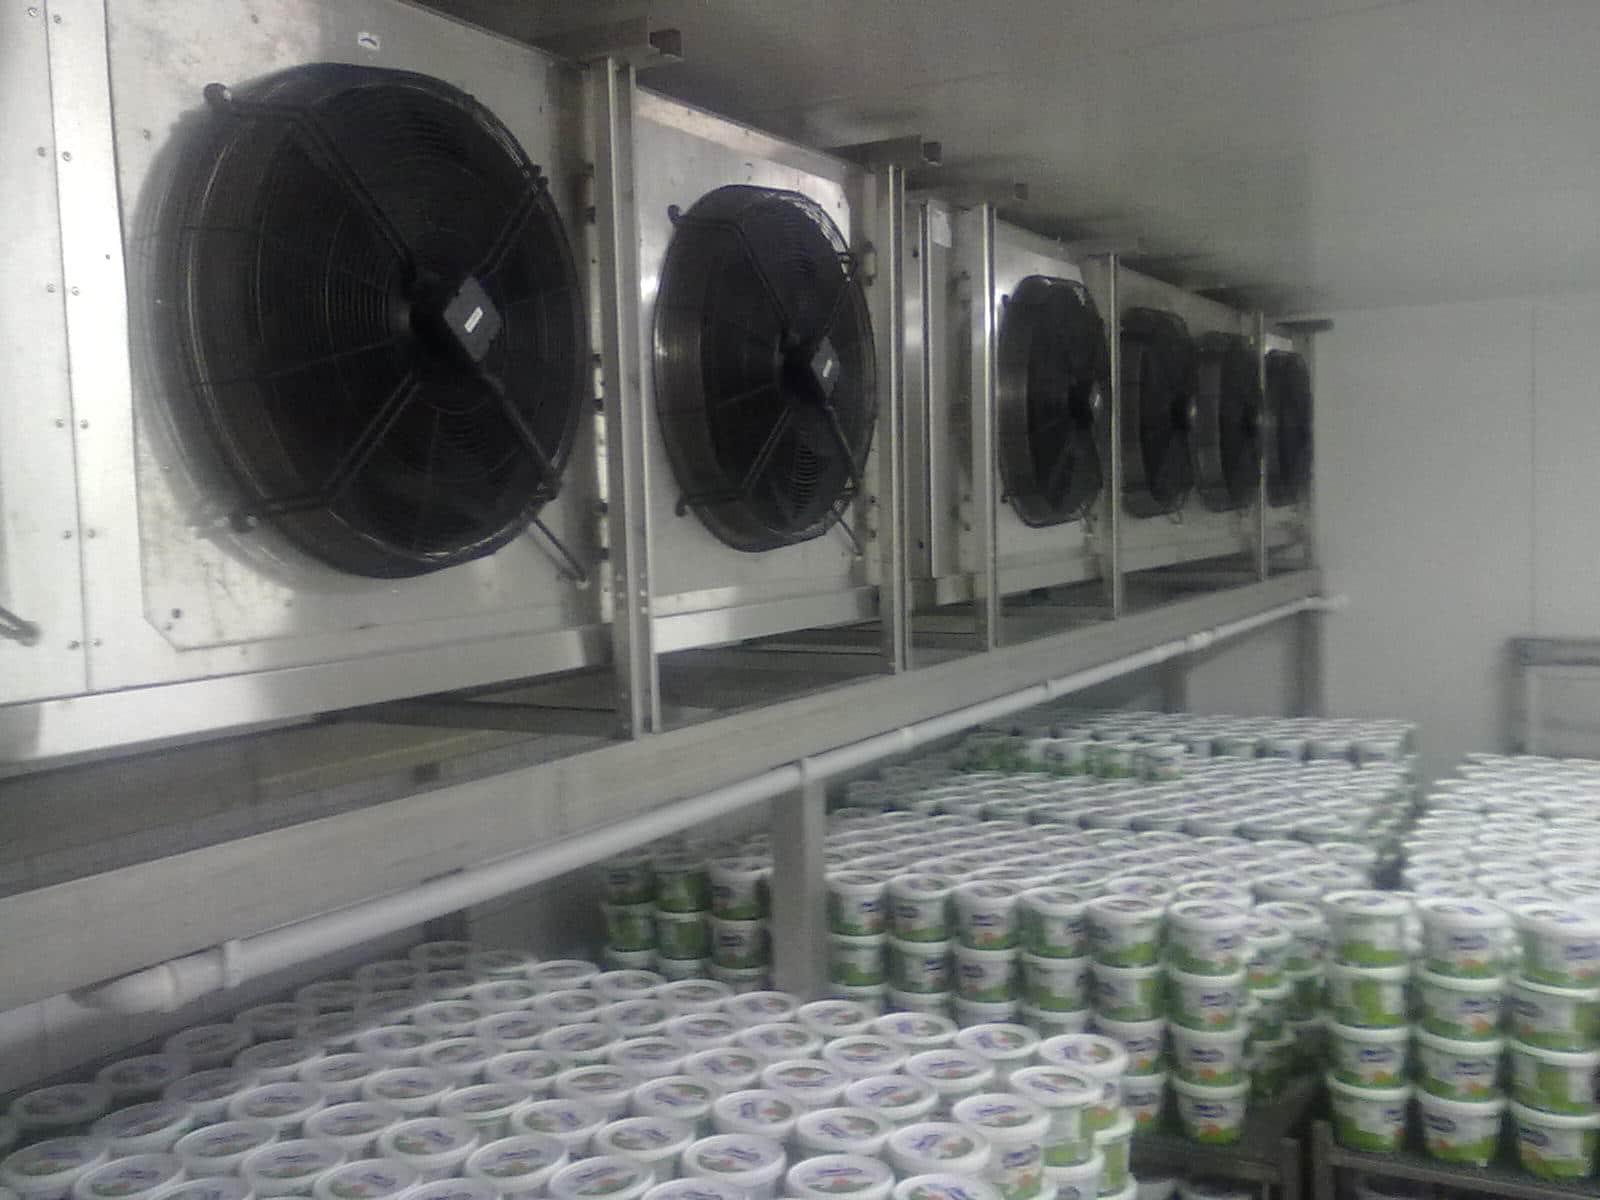 Lắp đặt kho lạnh bảo quản kem lạnh kem tươi sữa chua cho siêu thị, cửa hàng. Thi công lắp đặt kho lạnh bảo quản kem, làm kho lạnh bảo quản kem Kikentech